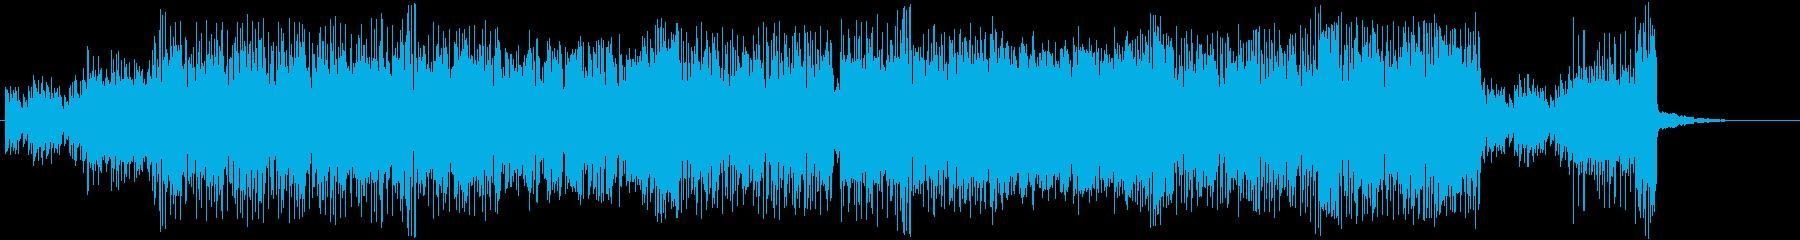 シンセサイザーのカラフルで楽しいポップスの再生済みの波形